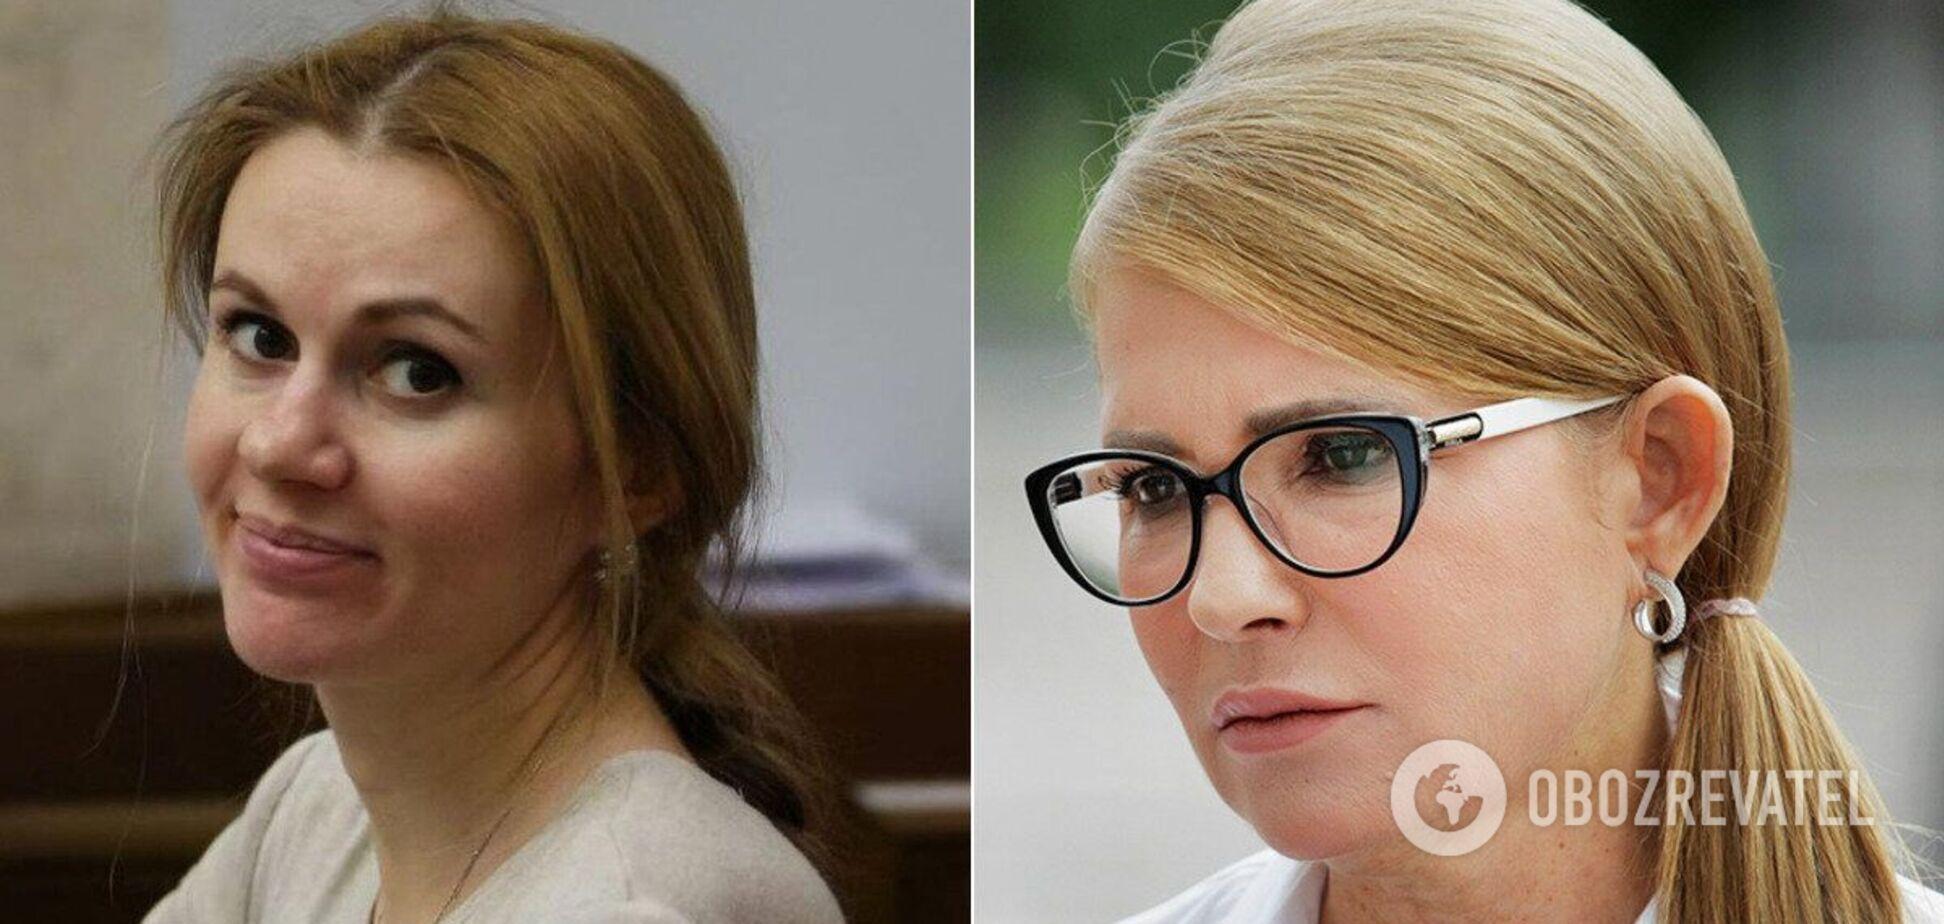 У Тимошенко з'явилася конкурентка в Раді з косою. Фото